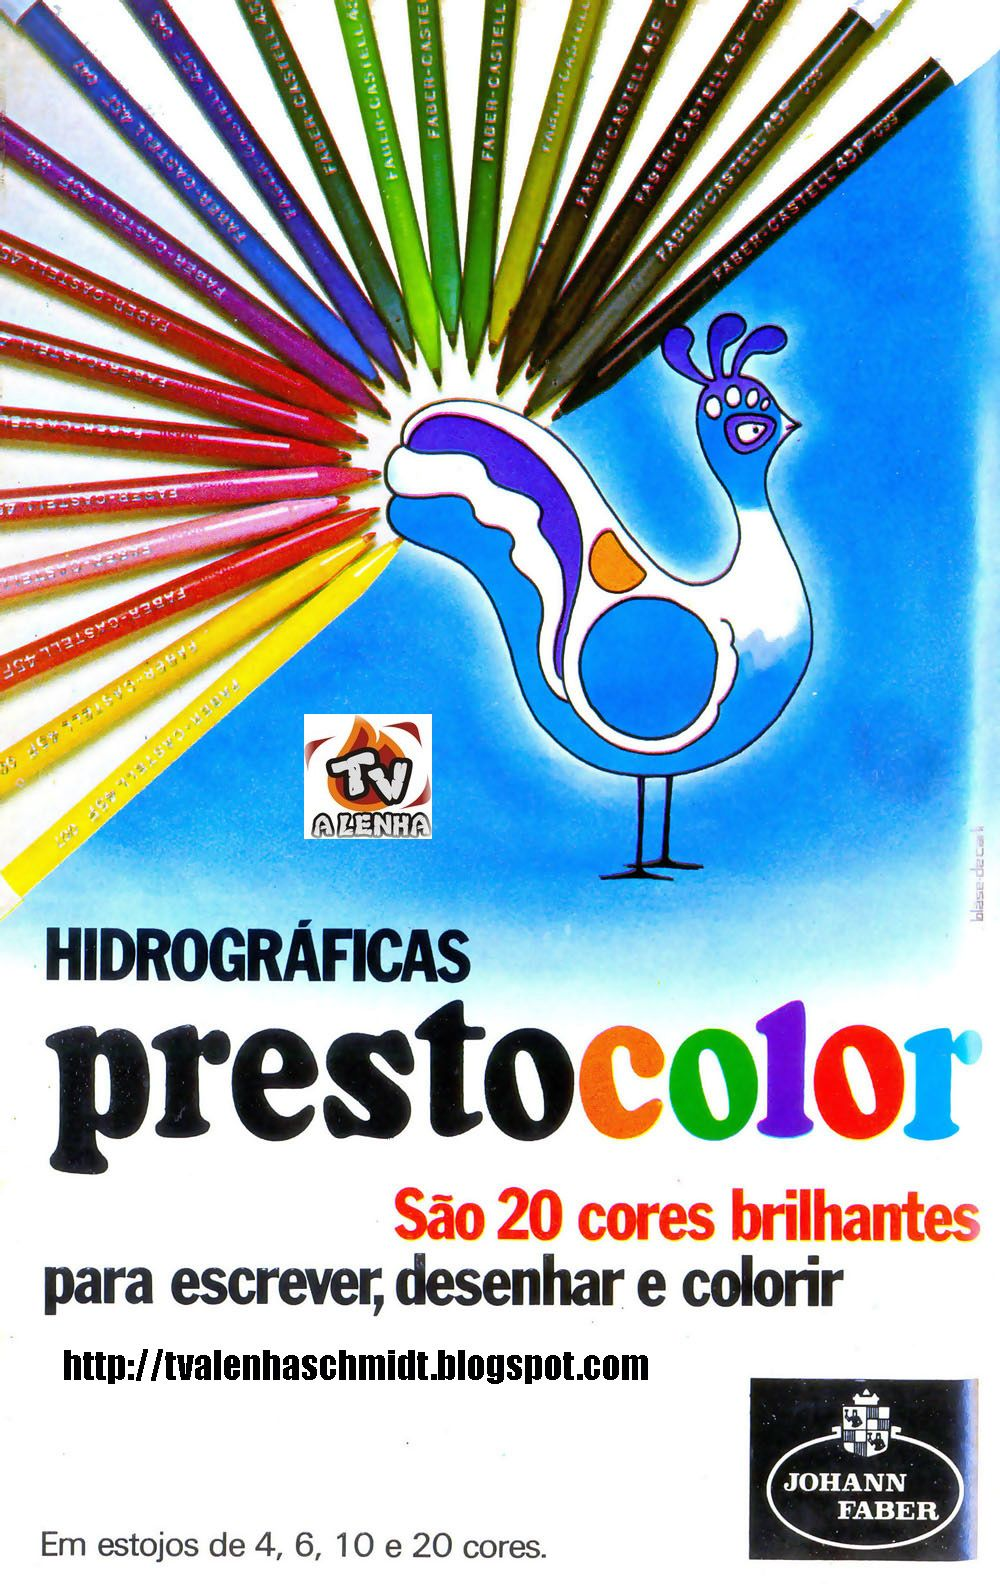 PRESTOCOLOR CANETAS HIDROGRÁFICAS